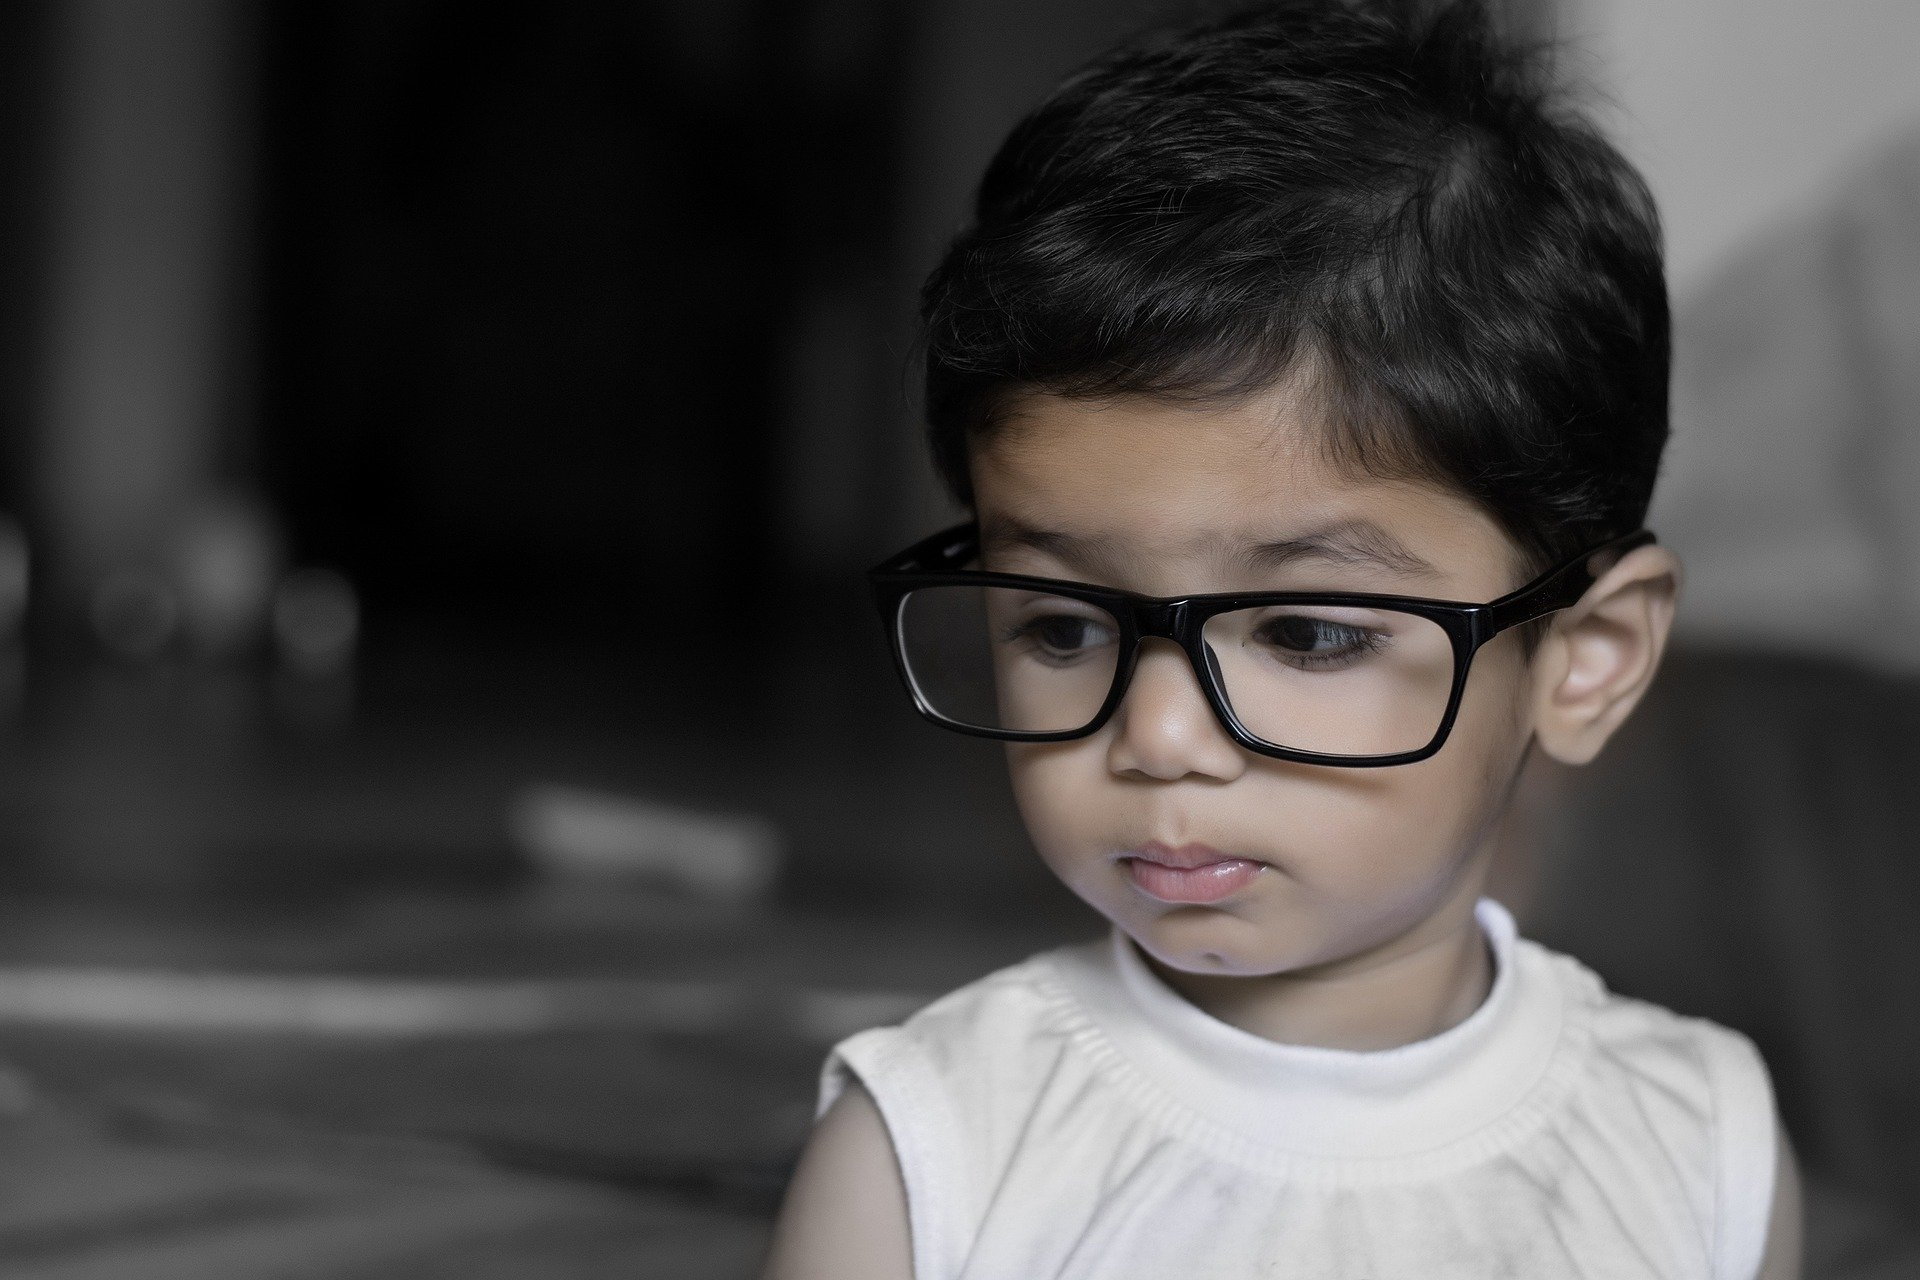 越早戴近视眼镜,度数增长越快?眼球越凸?